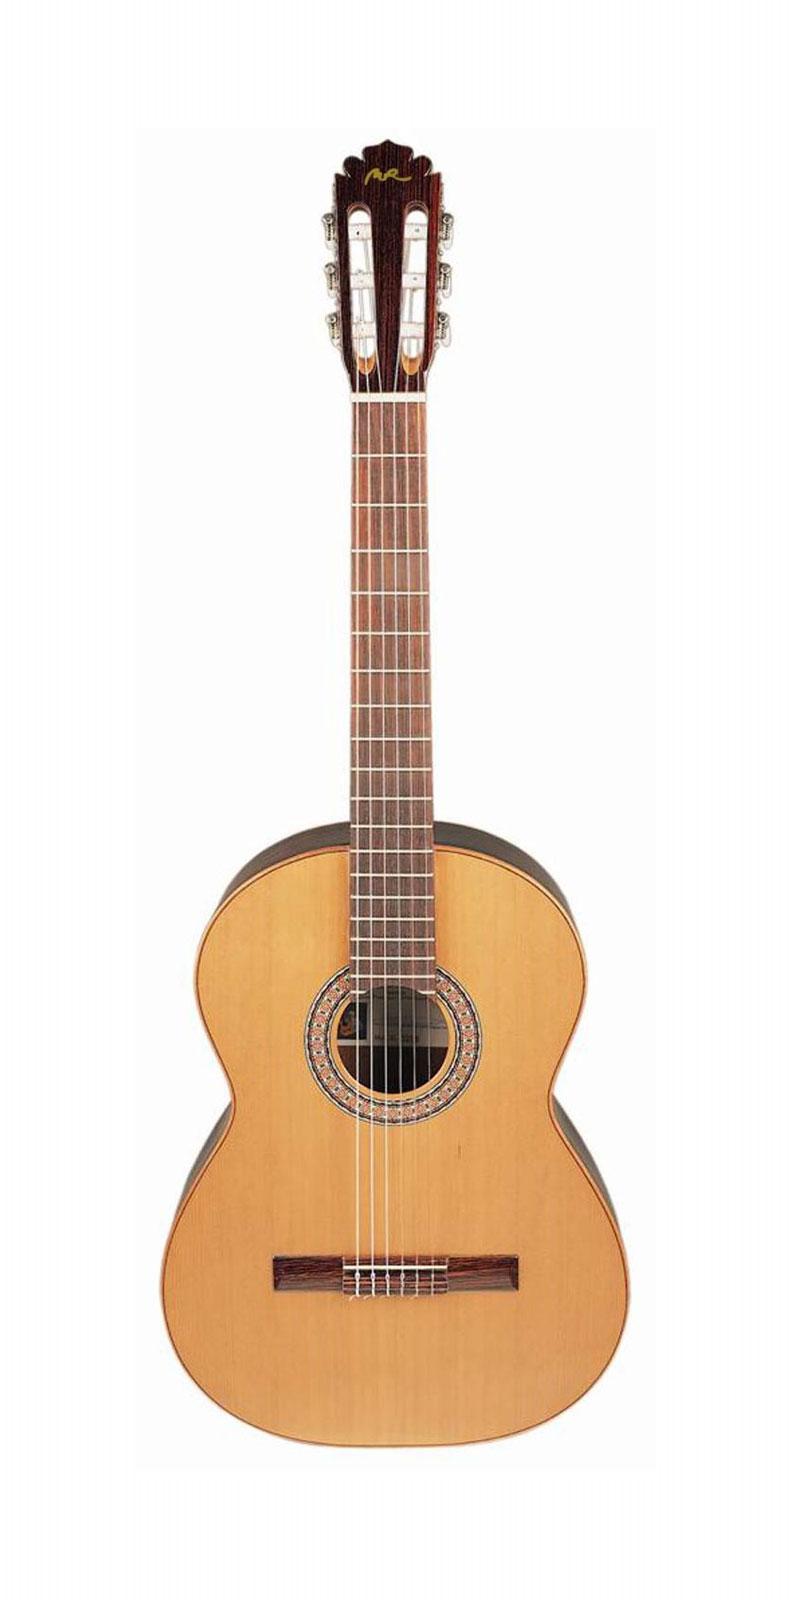 guitare classique,